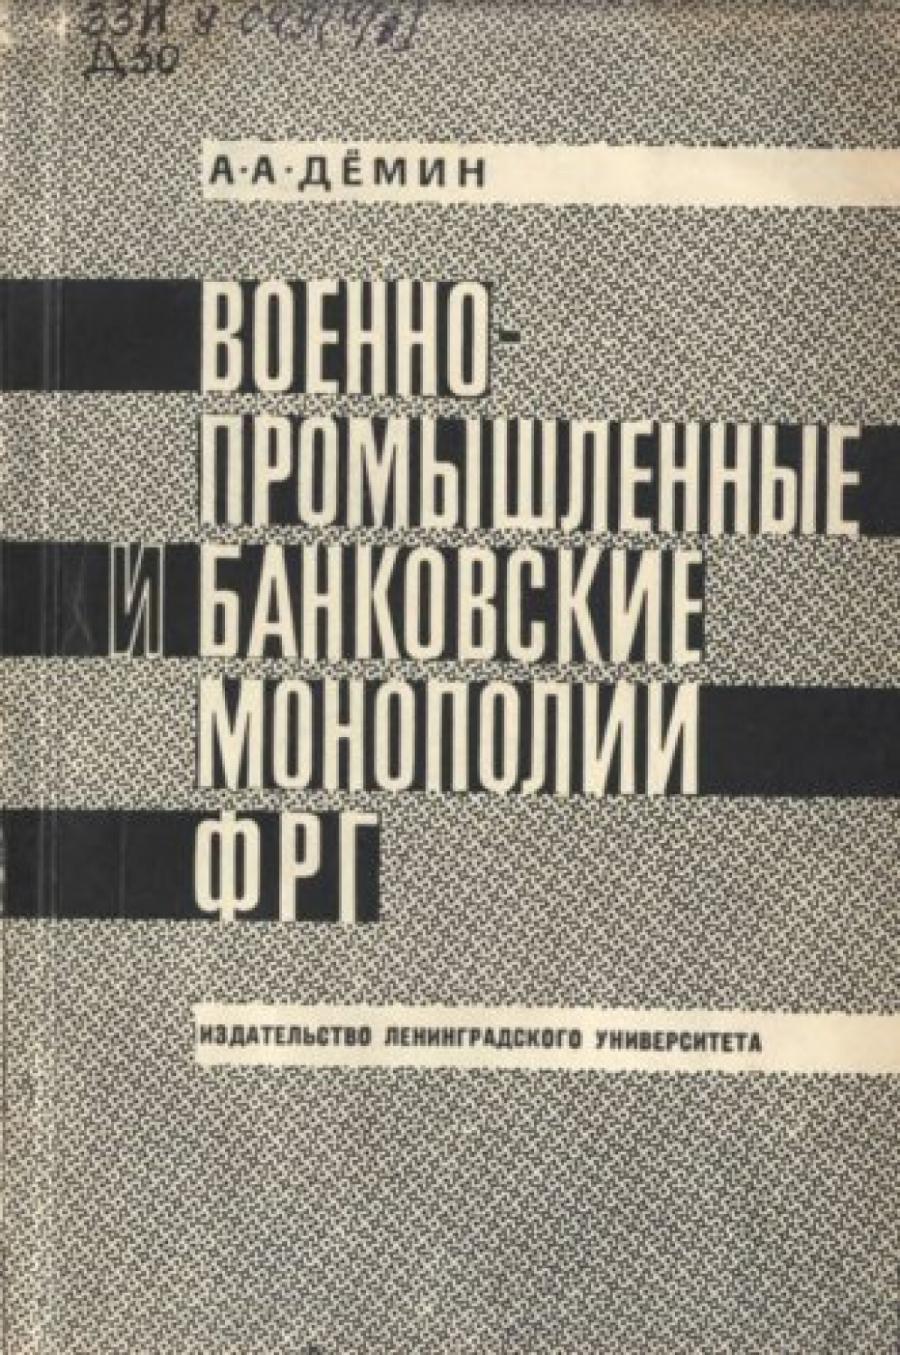 Обложка книги:  демин а.а. - военно-промышленные и банковские монополии фрг